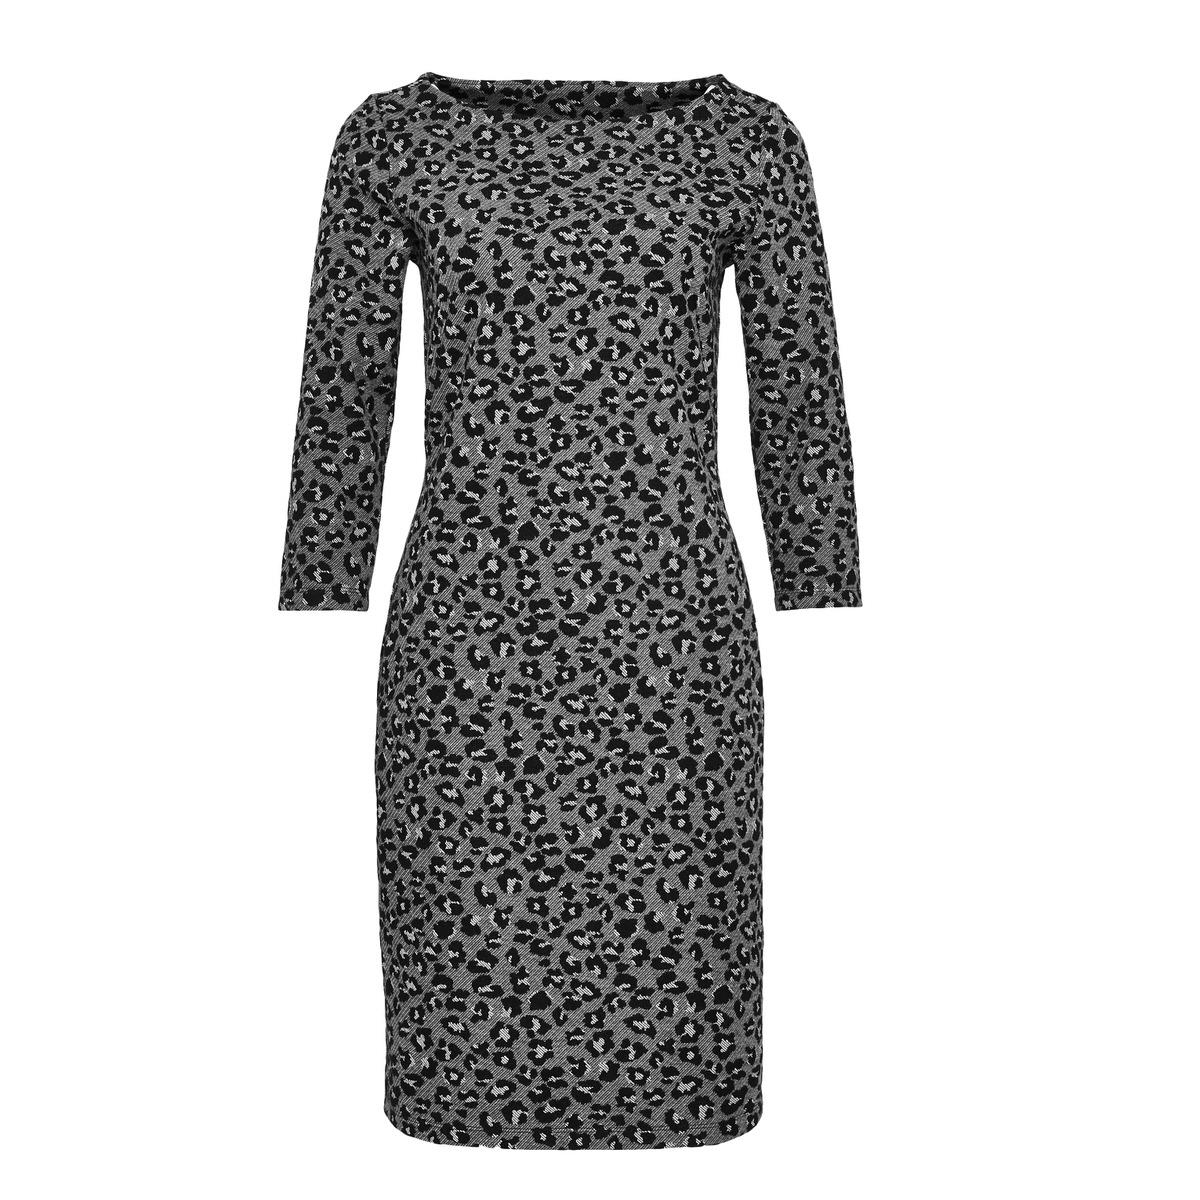 Artikel klicken und genauer betrachten! - Dieses Jerseykleid überzeugt als elegantes Basic mit Wohlfühl-Charakter. Die Jersey-Ware verleiht einen angenehmen Tragekomfort und wird durch den Animal Print zum Must-Have. Die Abnäher vorne sorgen dafür, dass sich das Kleid ideal an die Silhouette anpasst. Eine Teilungsnaht hinten bricht den Look des Kleides. Baumwoll-Mix, Animal-Print, Abnäher vorne, ¾ Arm, das Model ist 177 cm groß und trägt Größe 36. | im Online Shop kaufen